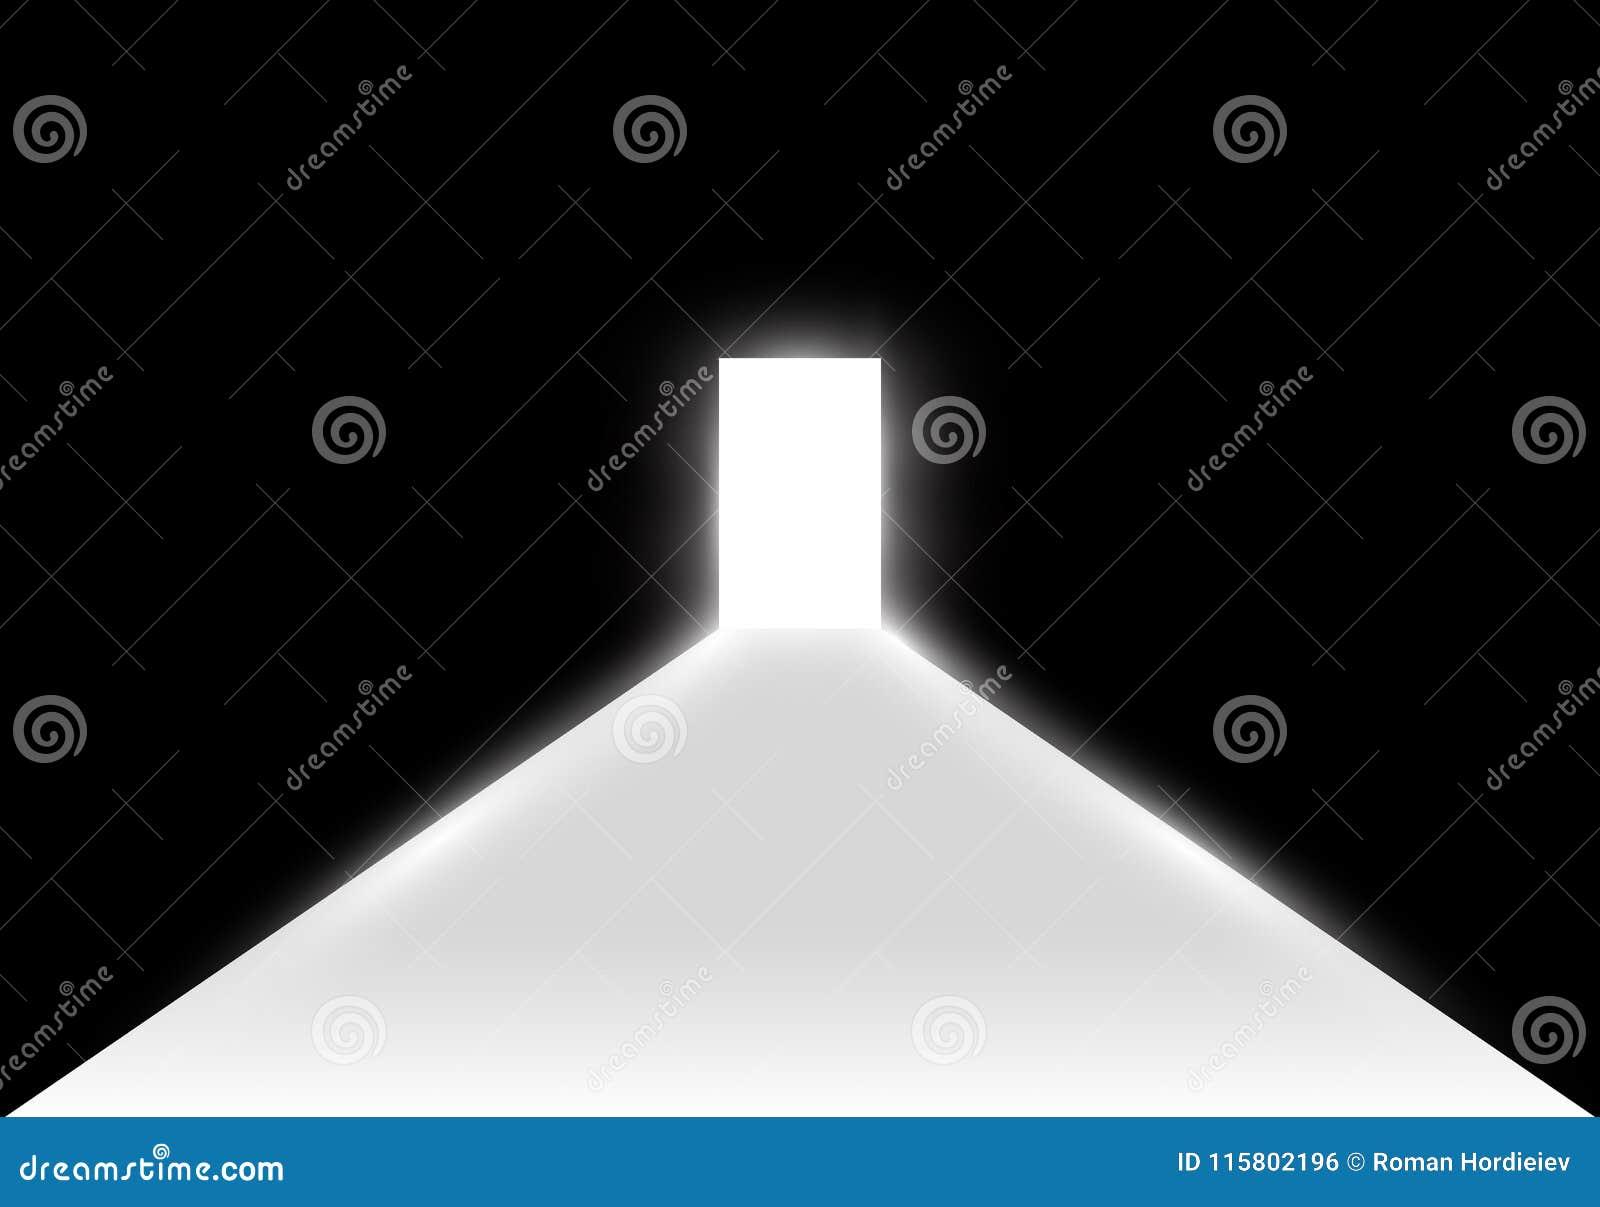 Open door dark Vintage Open The Door In Dark Room With Light Passing Through It Light Enters Through The Gap On Transparent Background Dreamstimecom Open The Door In Dark Room With Light Passing Through It Light